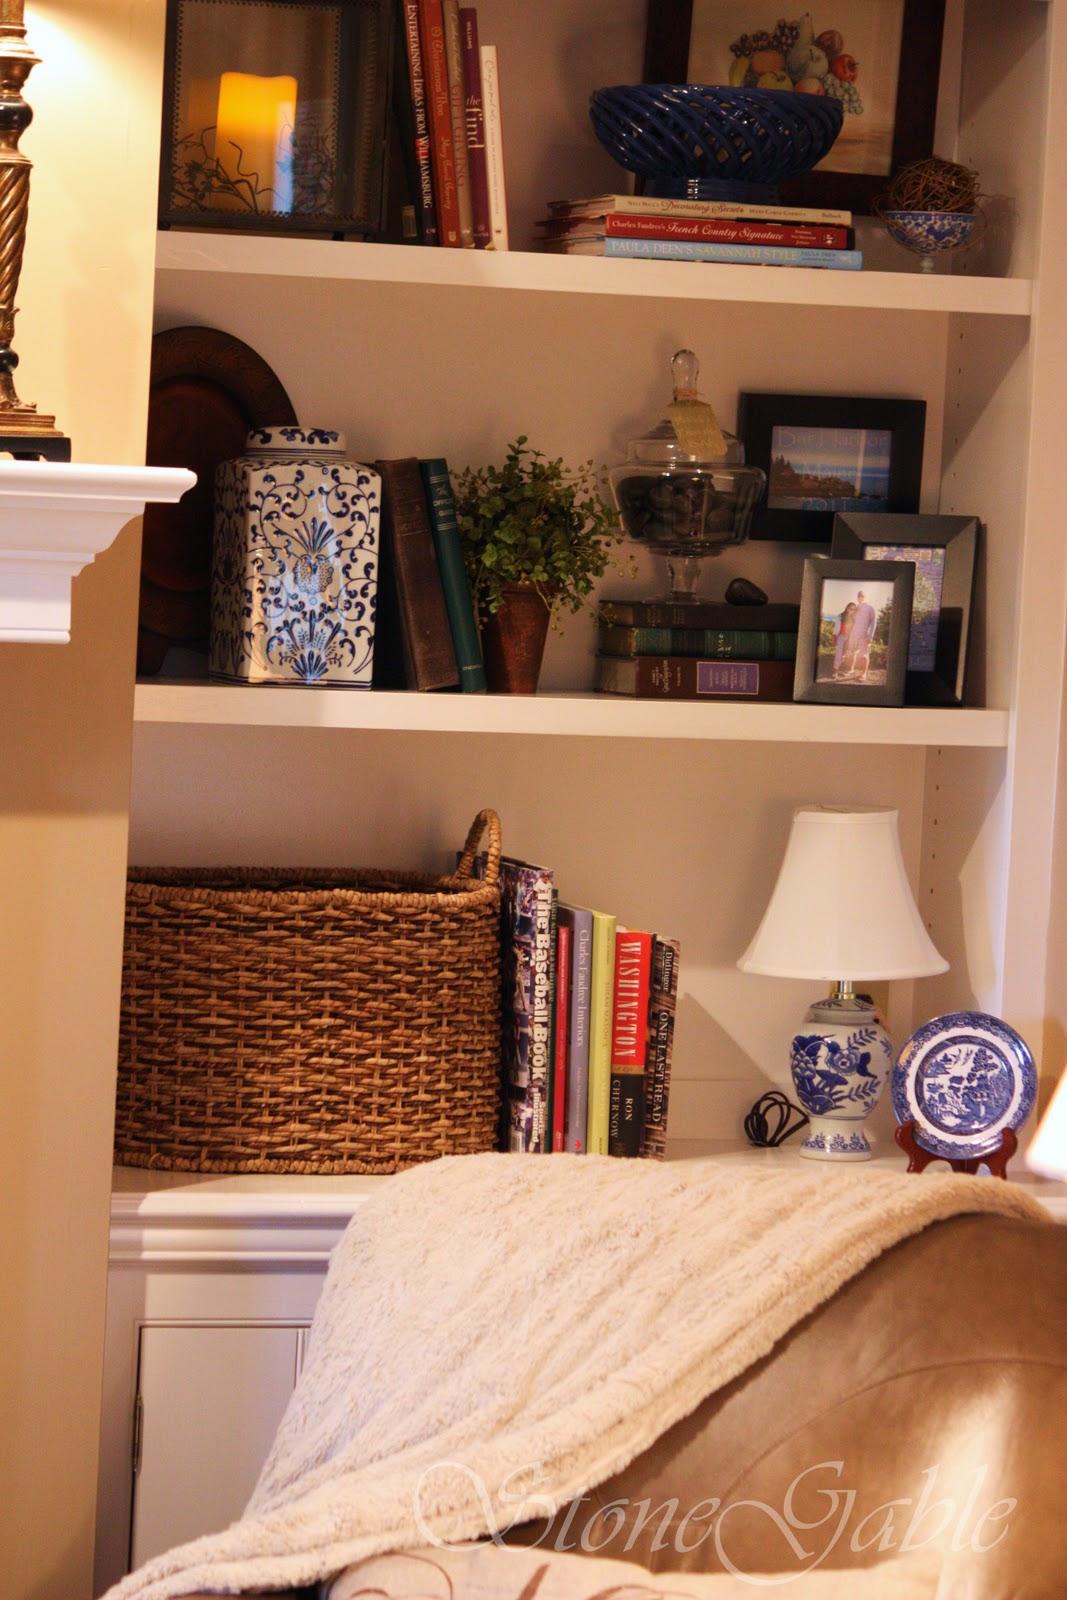 Pebbles on the book shelf   stonegable